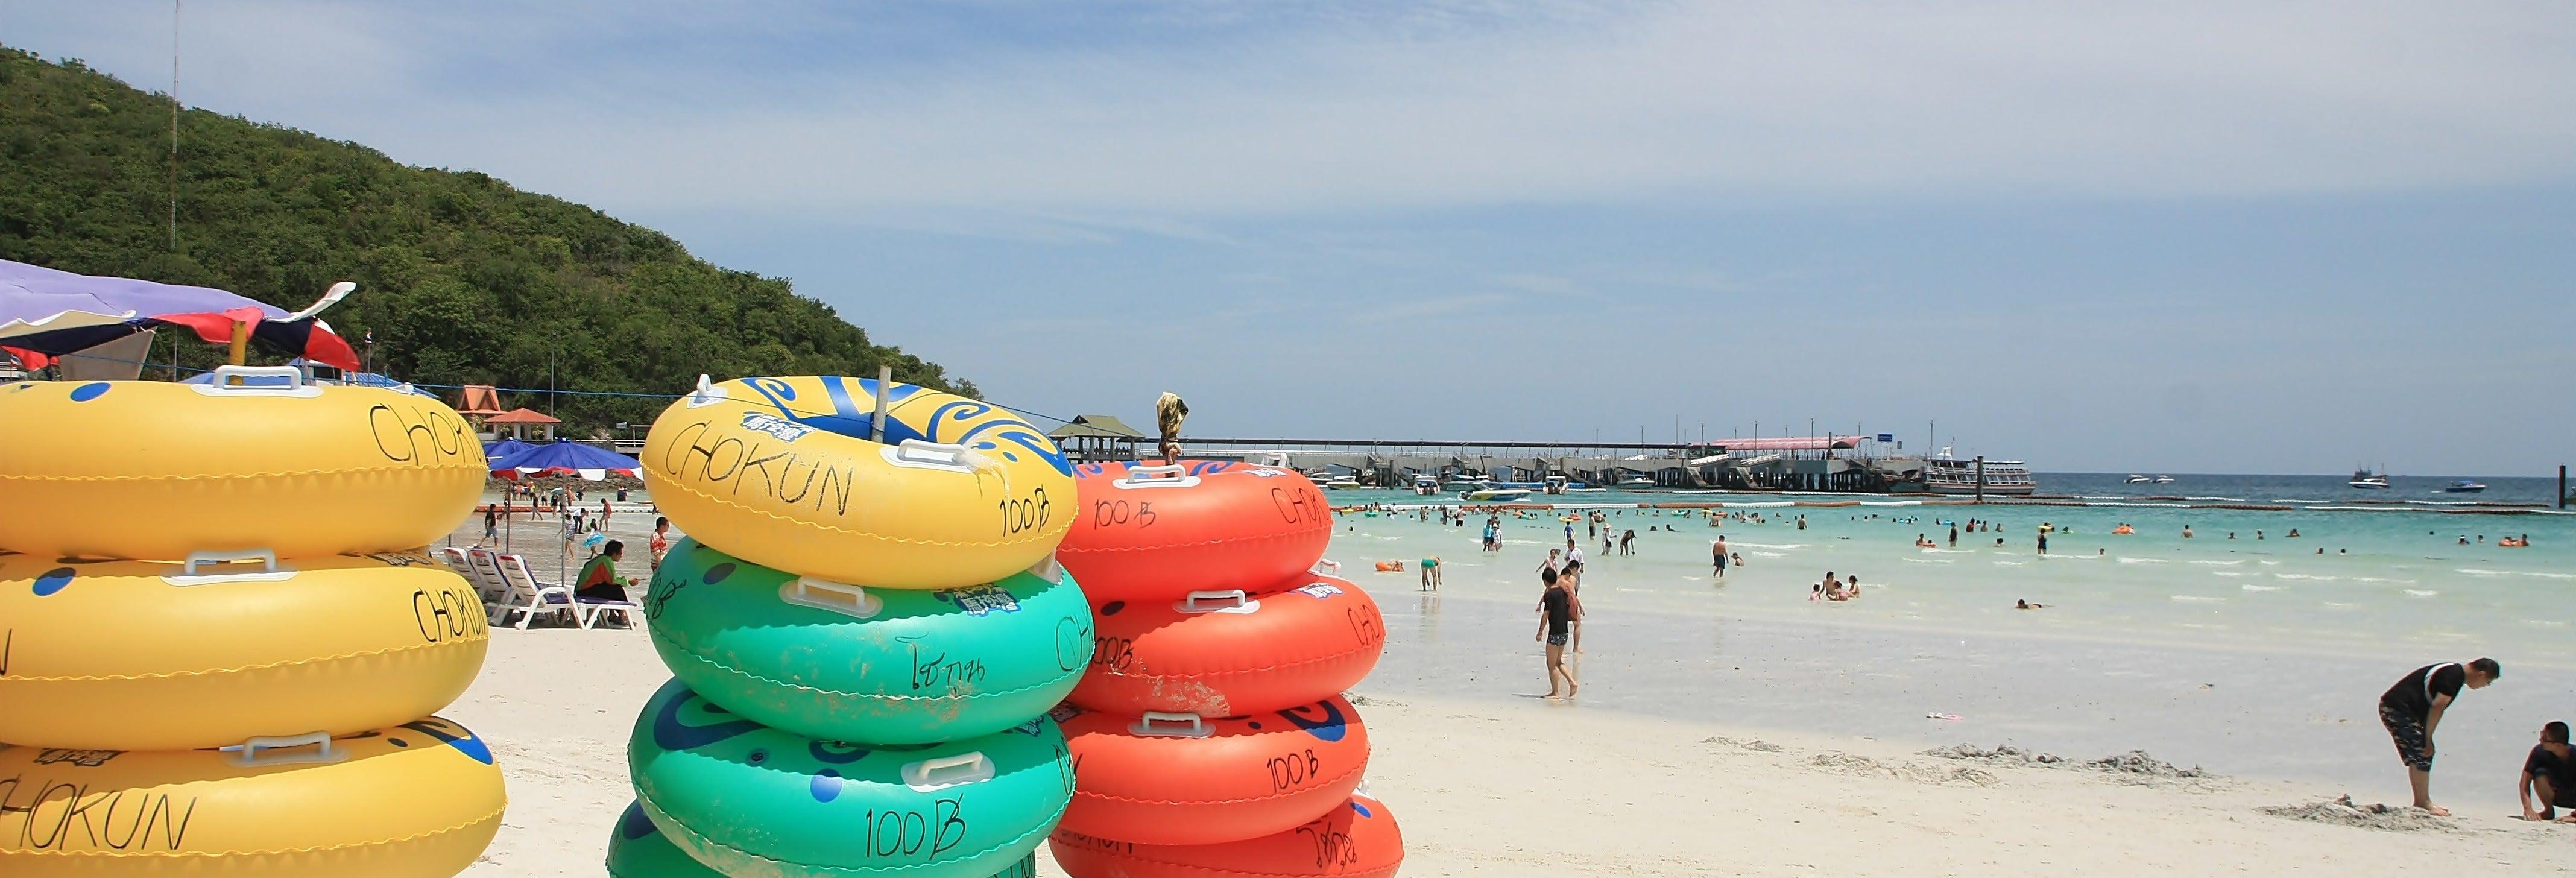 Excursion à Coral Island en bateau rapide